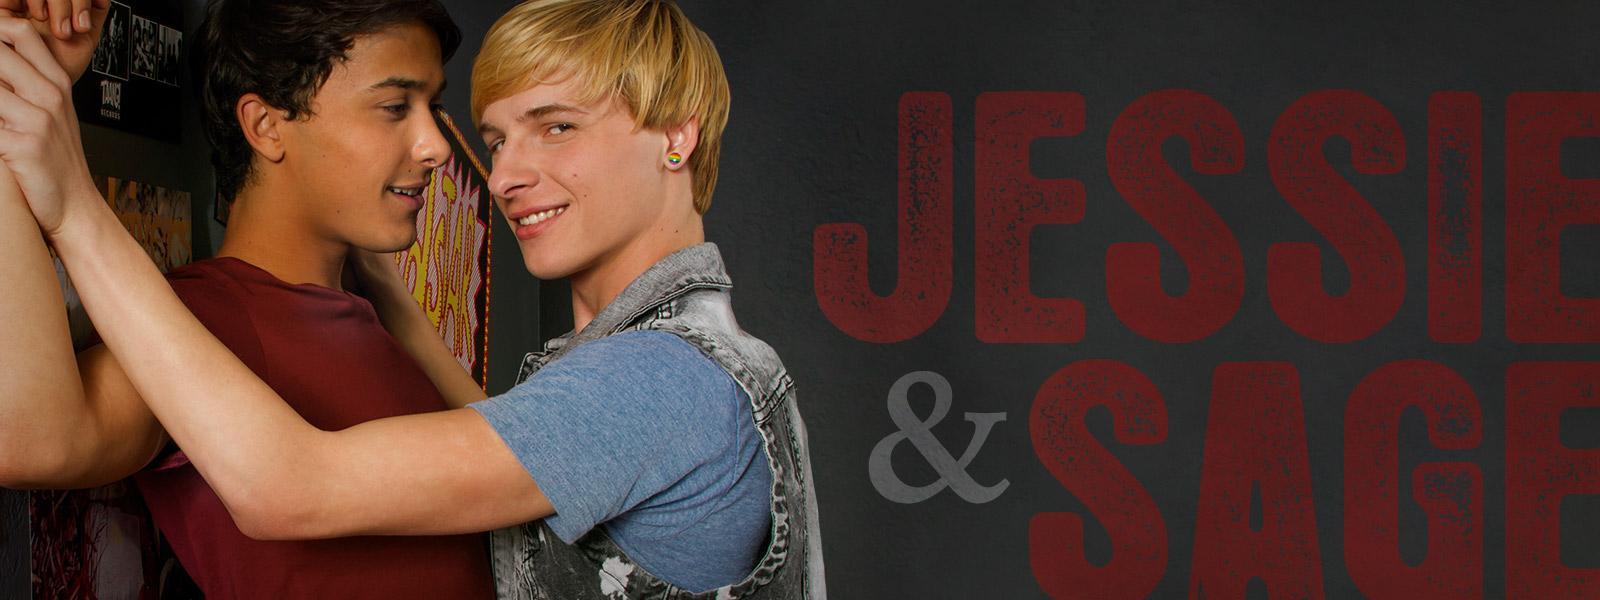 Jessie and Sage